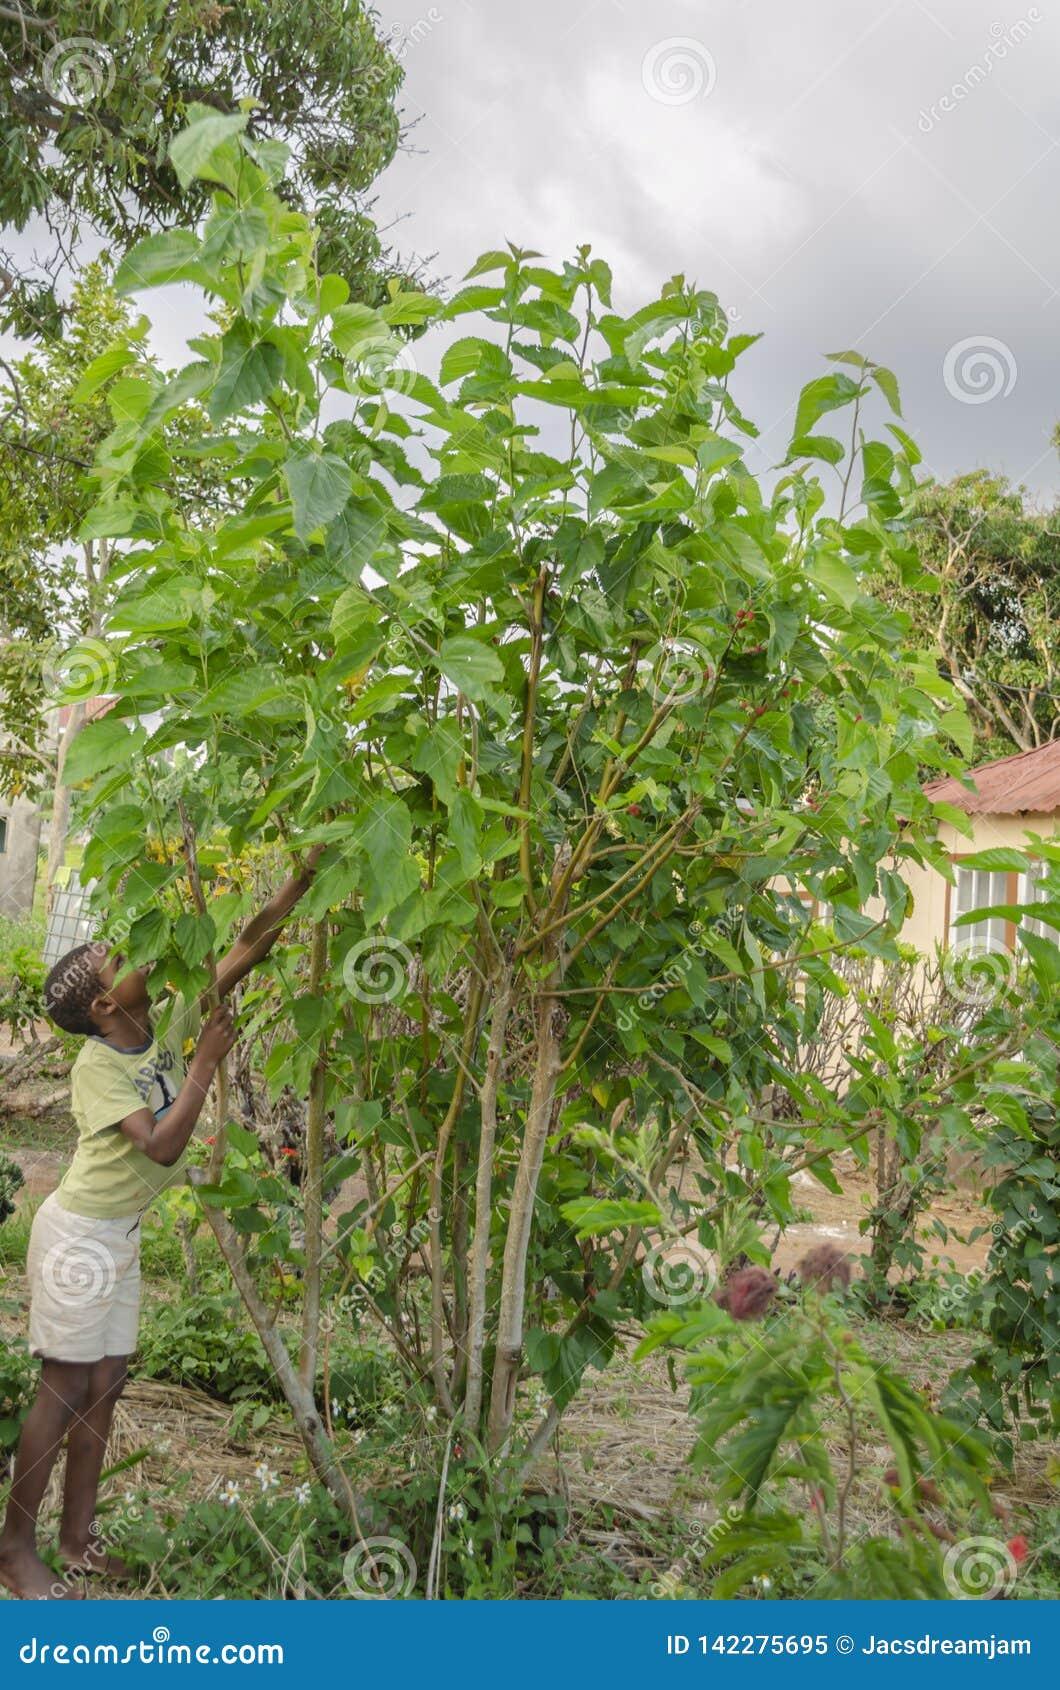 Boy Harvesting Mulberries